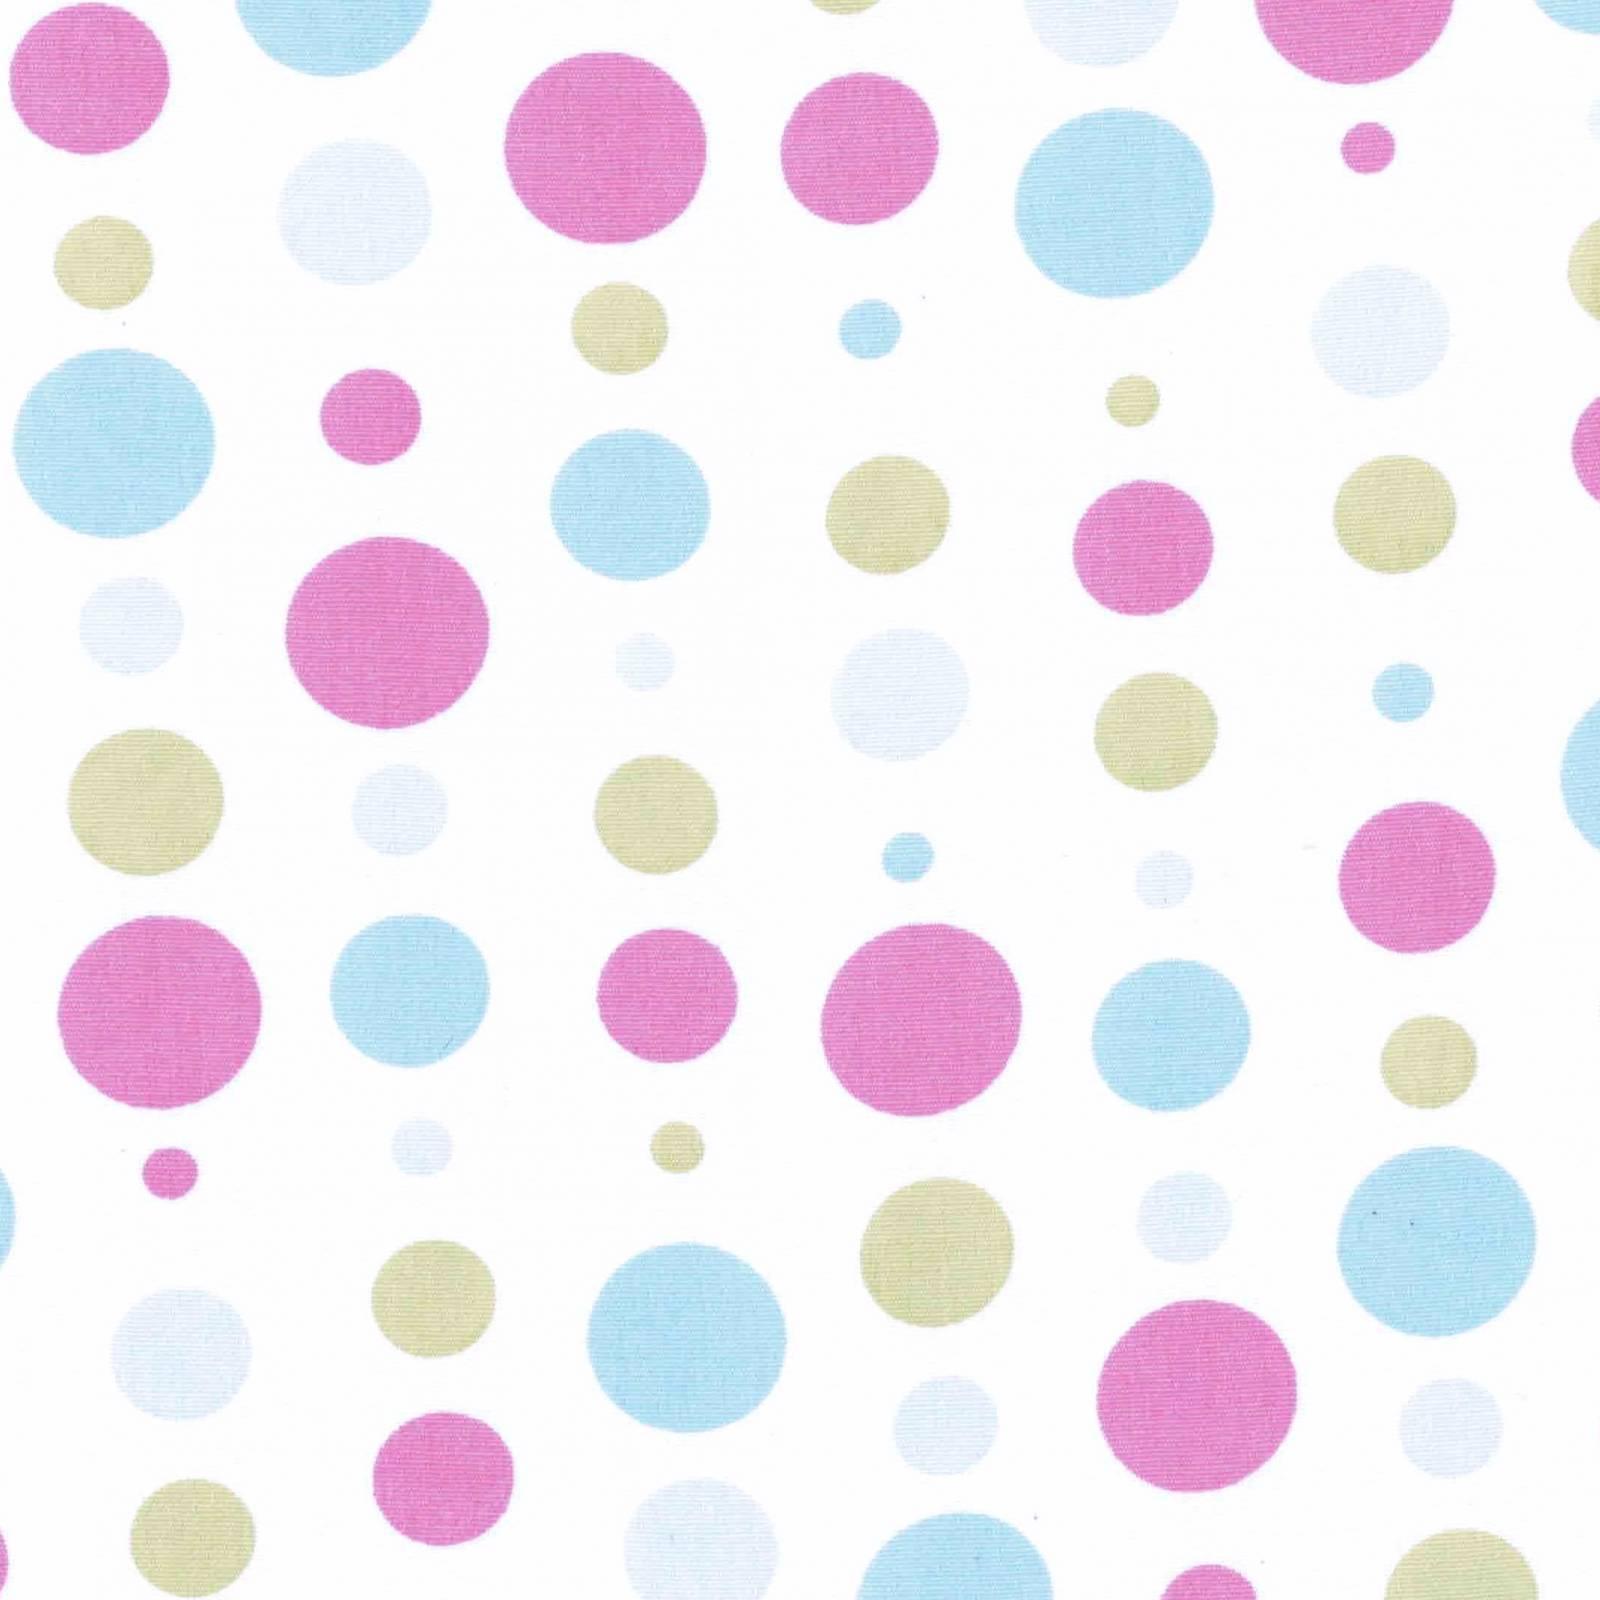 Tecido Tricoline Estampado Bolas Azul Com Rosa - Ref. 180588 cor 03 - Caldeira - Armarinhos Nodari